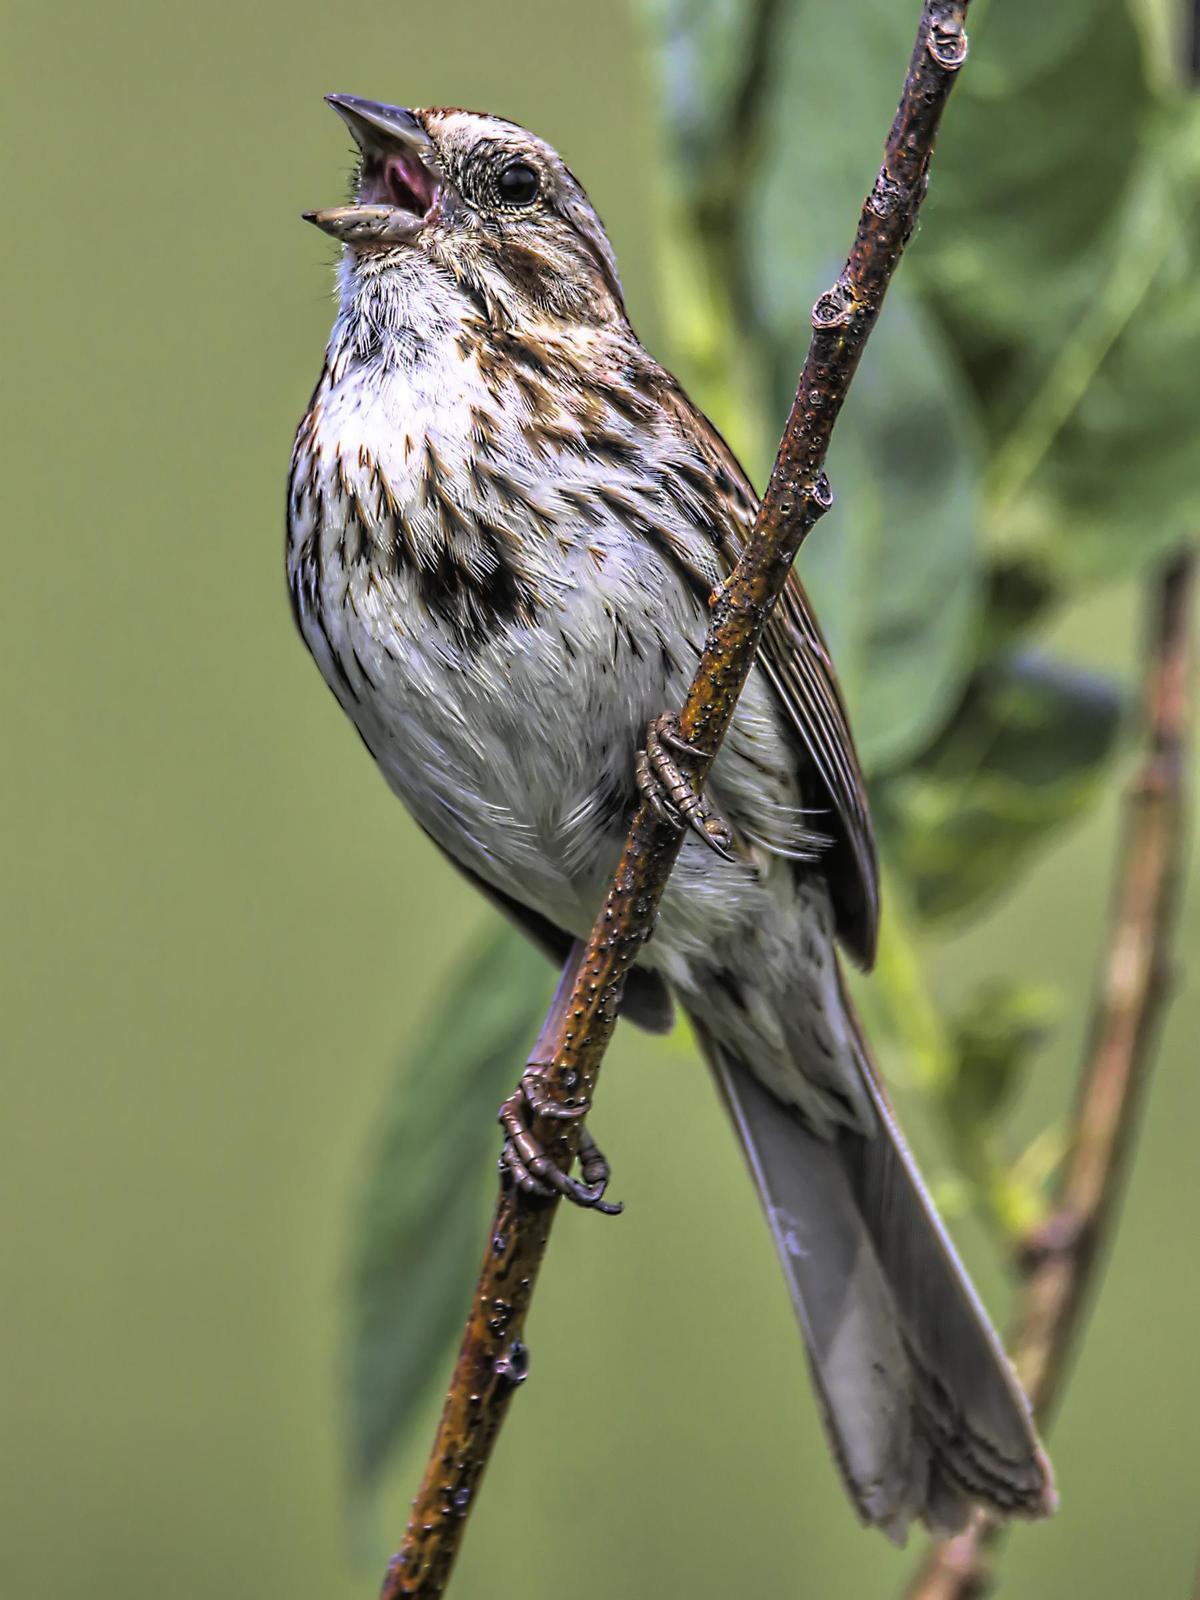 Song Sparrow Photo by Dan Tallman